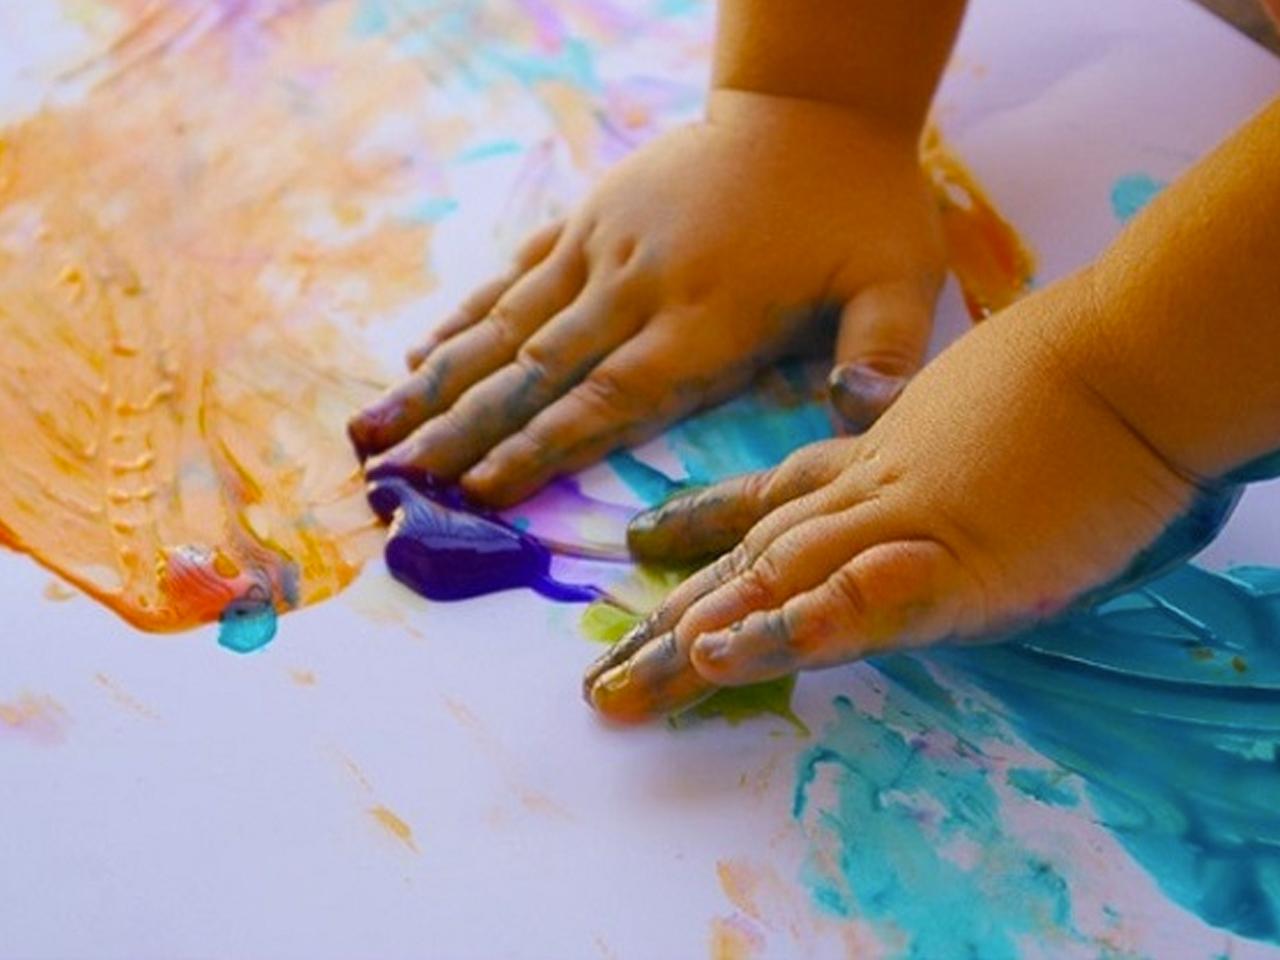 processos creatius fent manualitats infantils